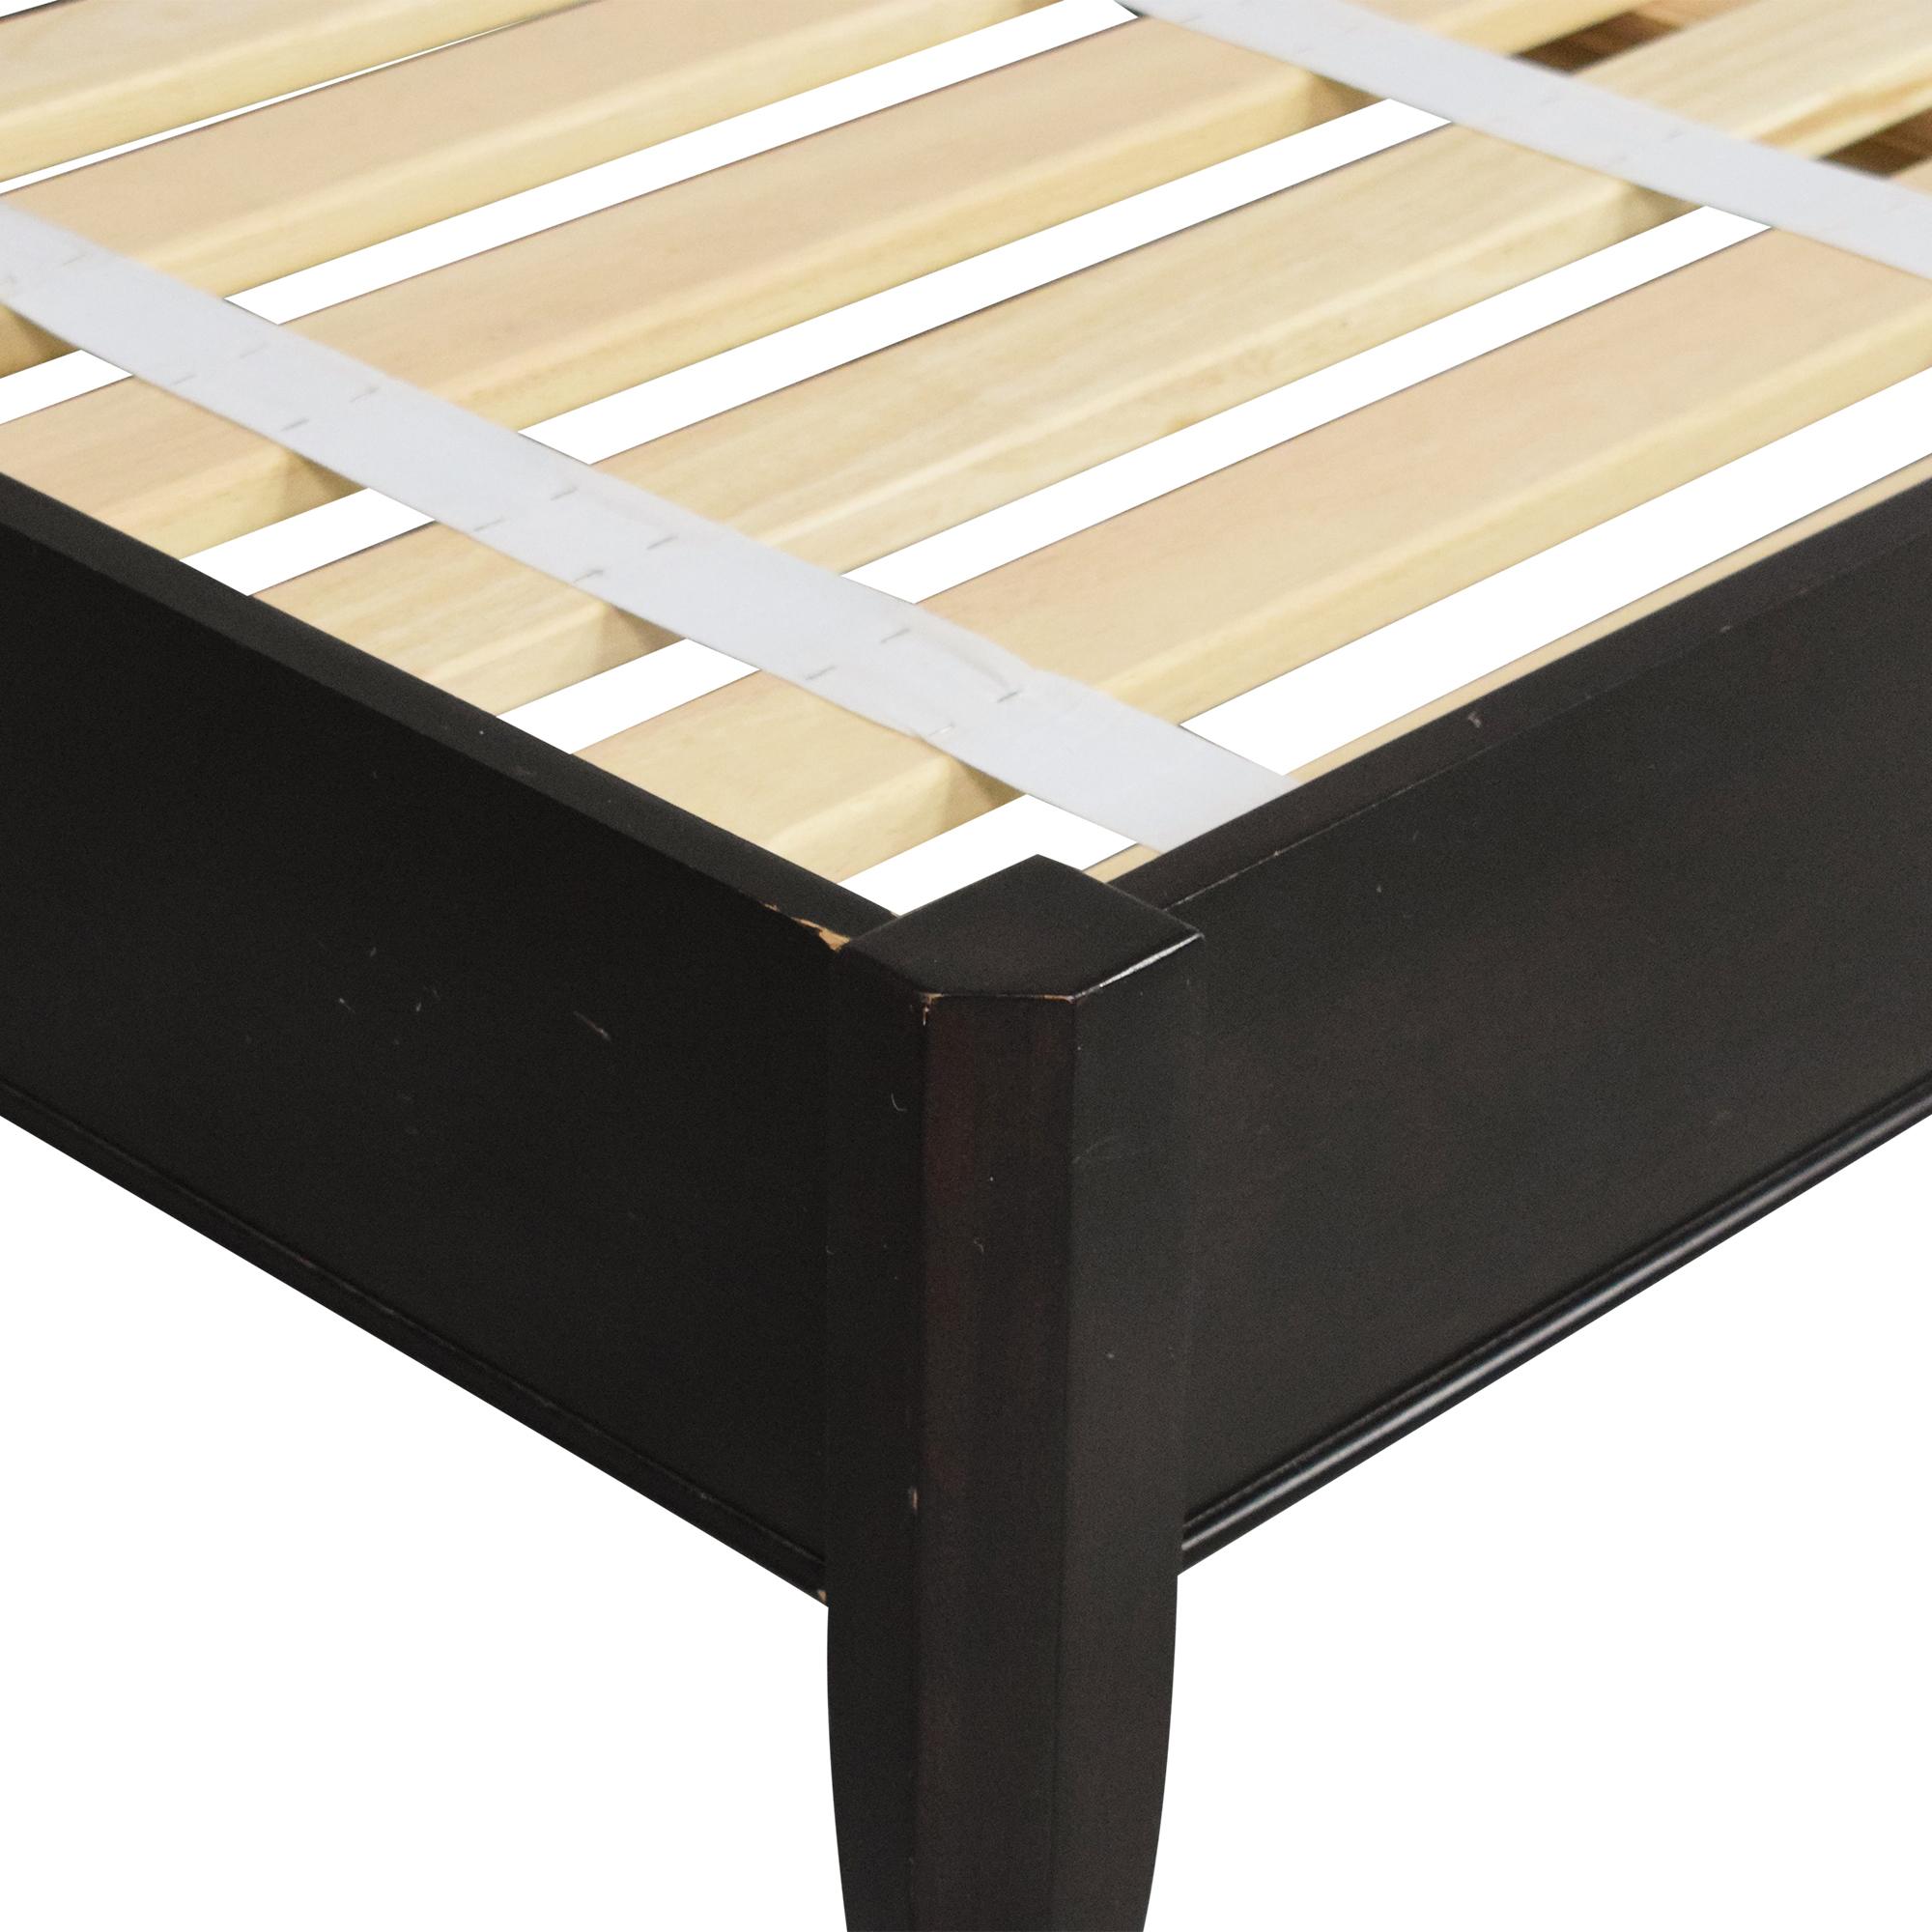 Crate & Barrel Crate & Barrel Queen Platform Bed dimensions